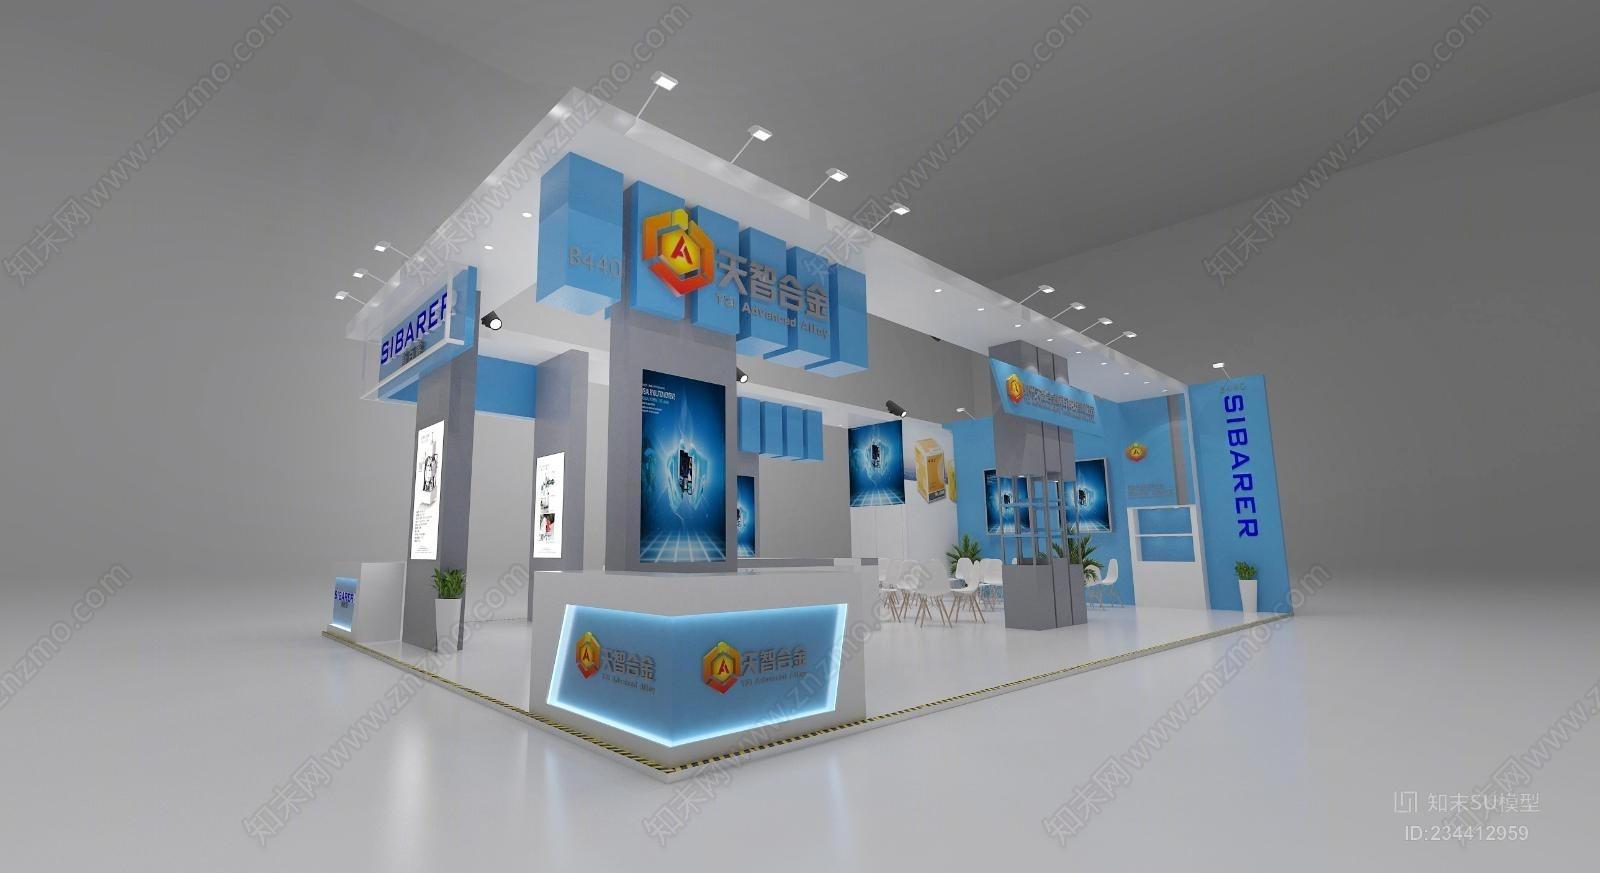 展厅 展览 展台 科技展厅 家电展厅 汽配展览展台 展示柜